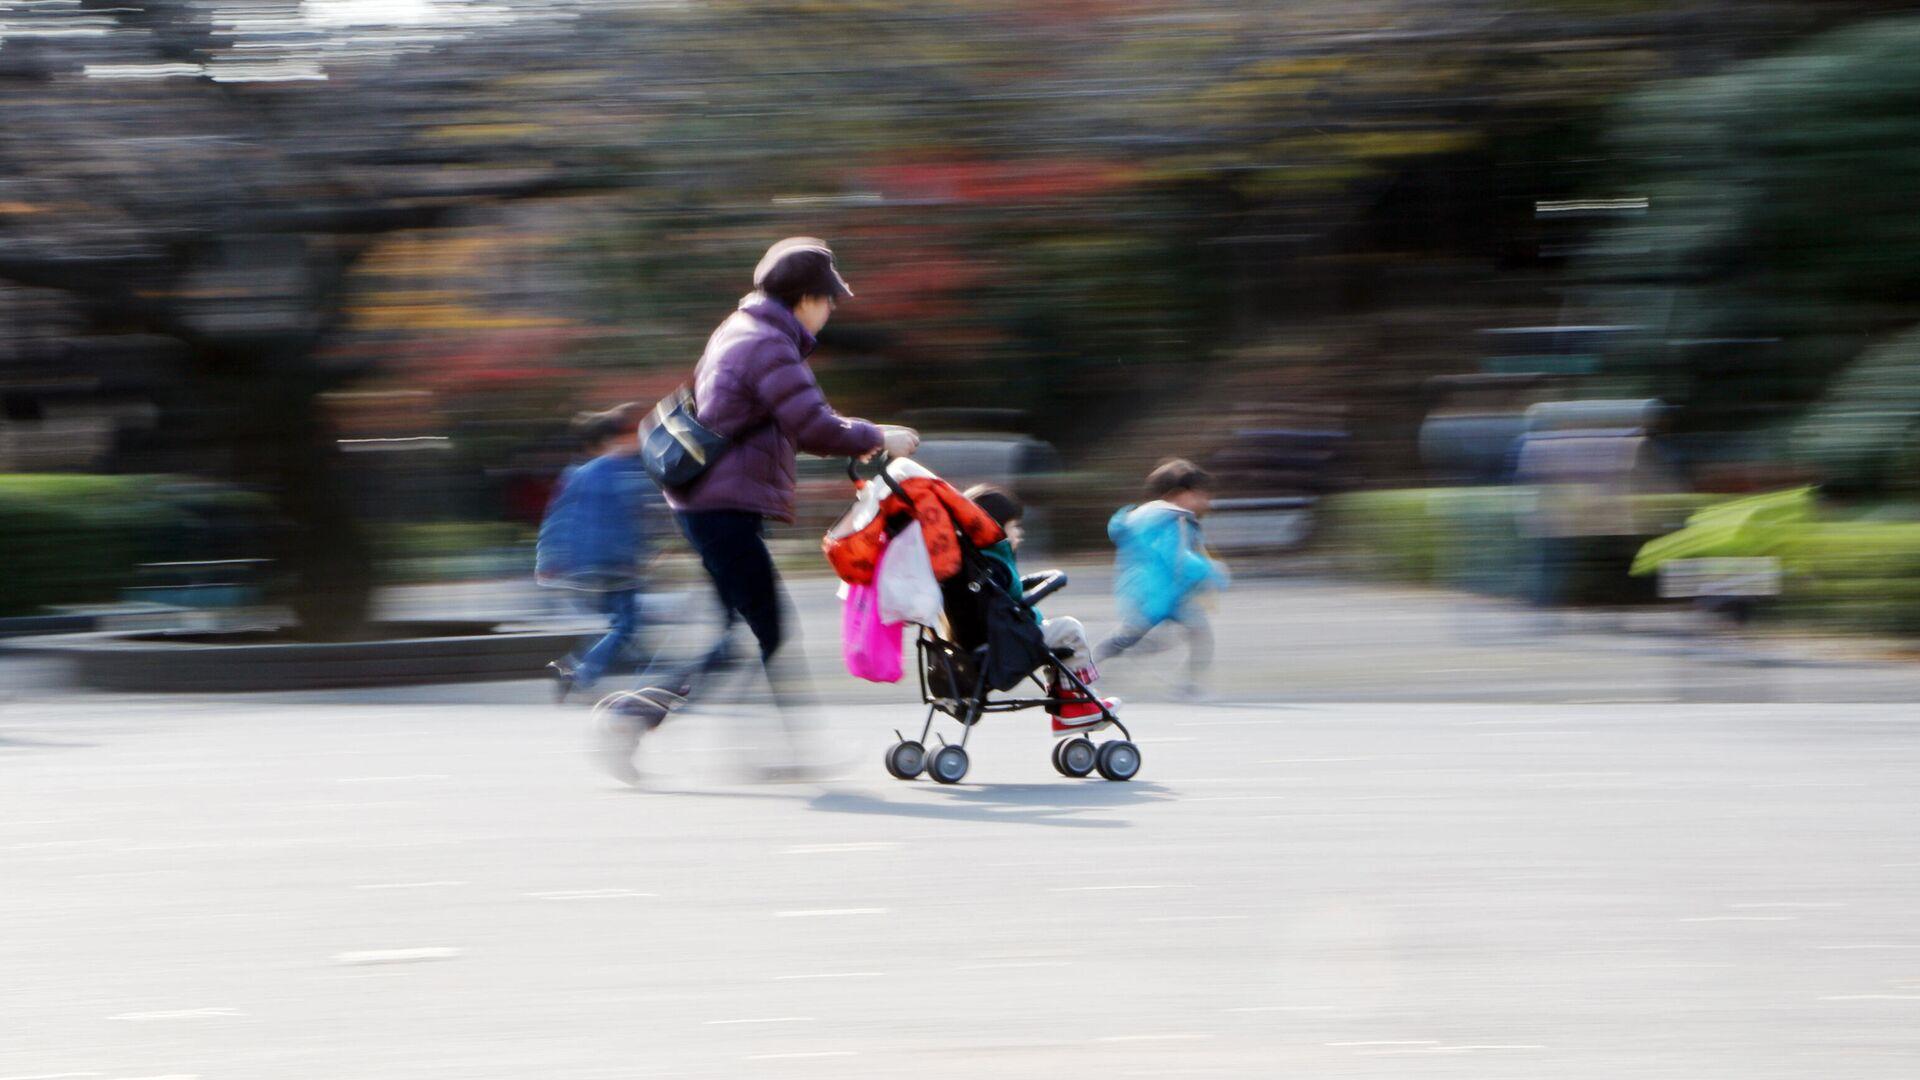 Женщина с детьми в парке в Токио  - РИА Новости, 1920, 05.01.2021